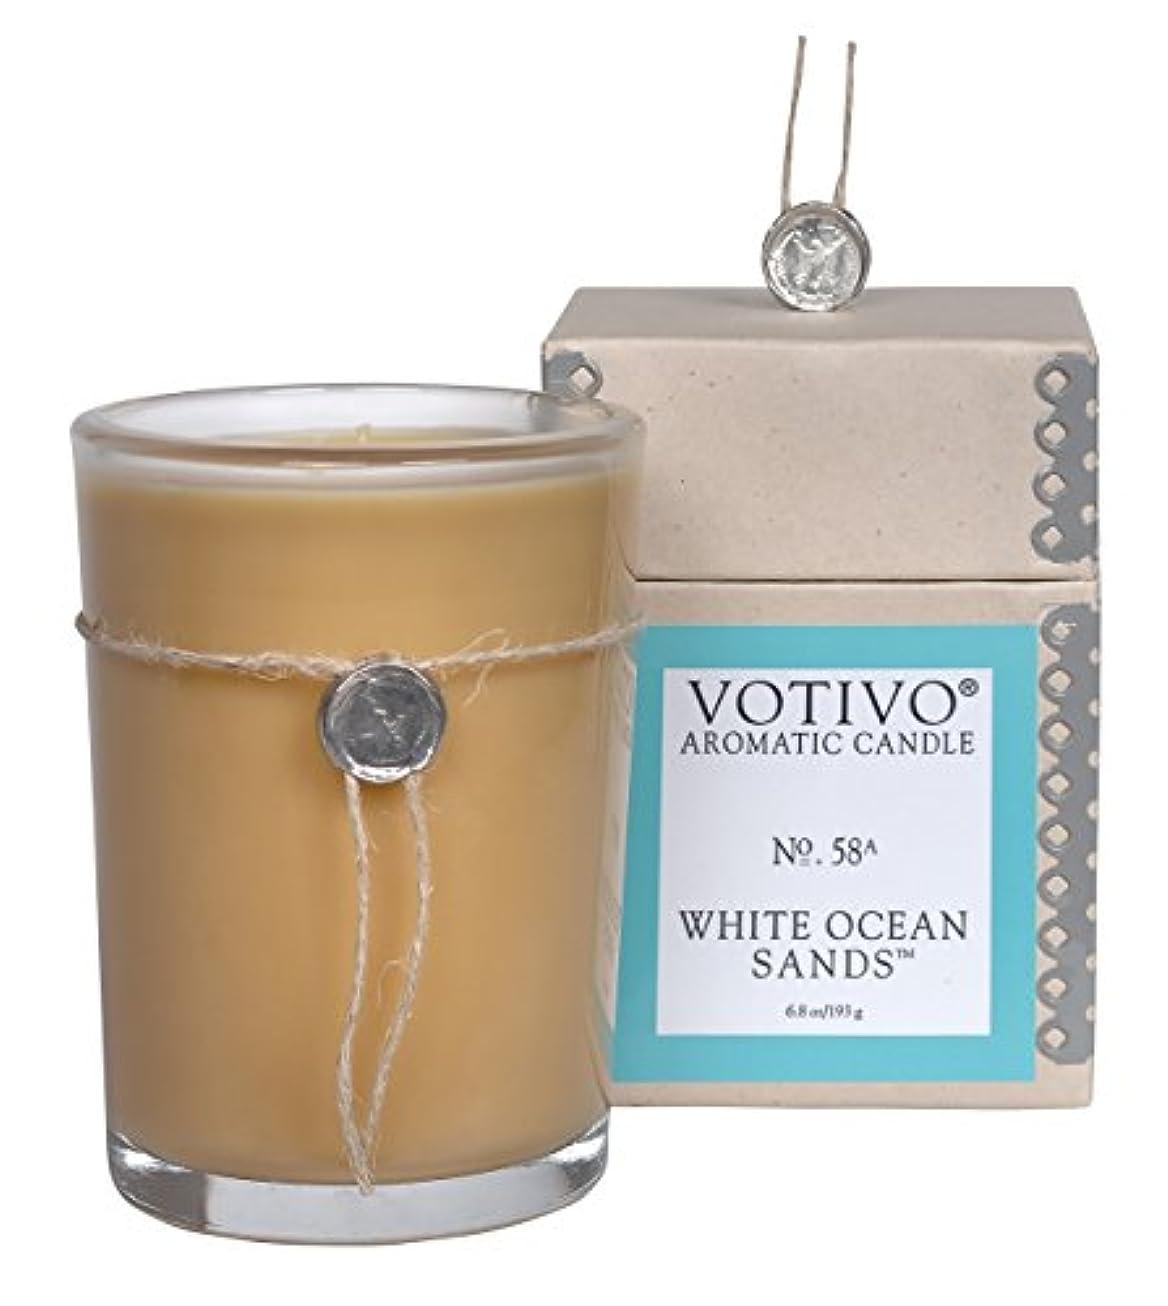 はさみ偏心知人VOTIVO アロマティック グラスキャンドル ホワイトオーシャンサ